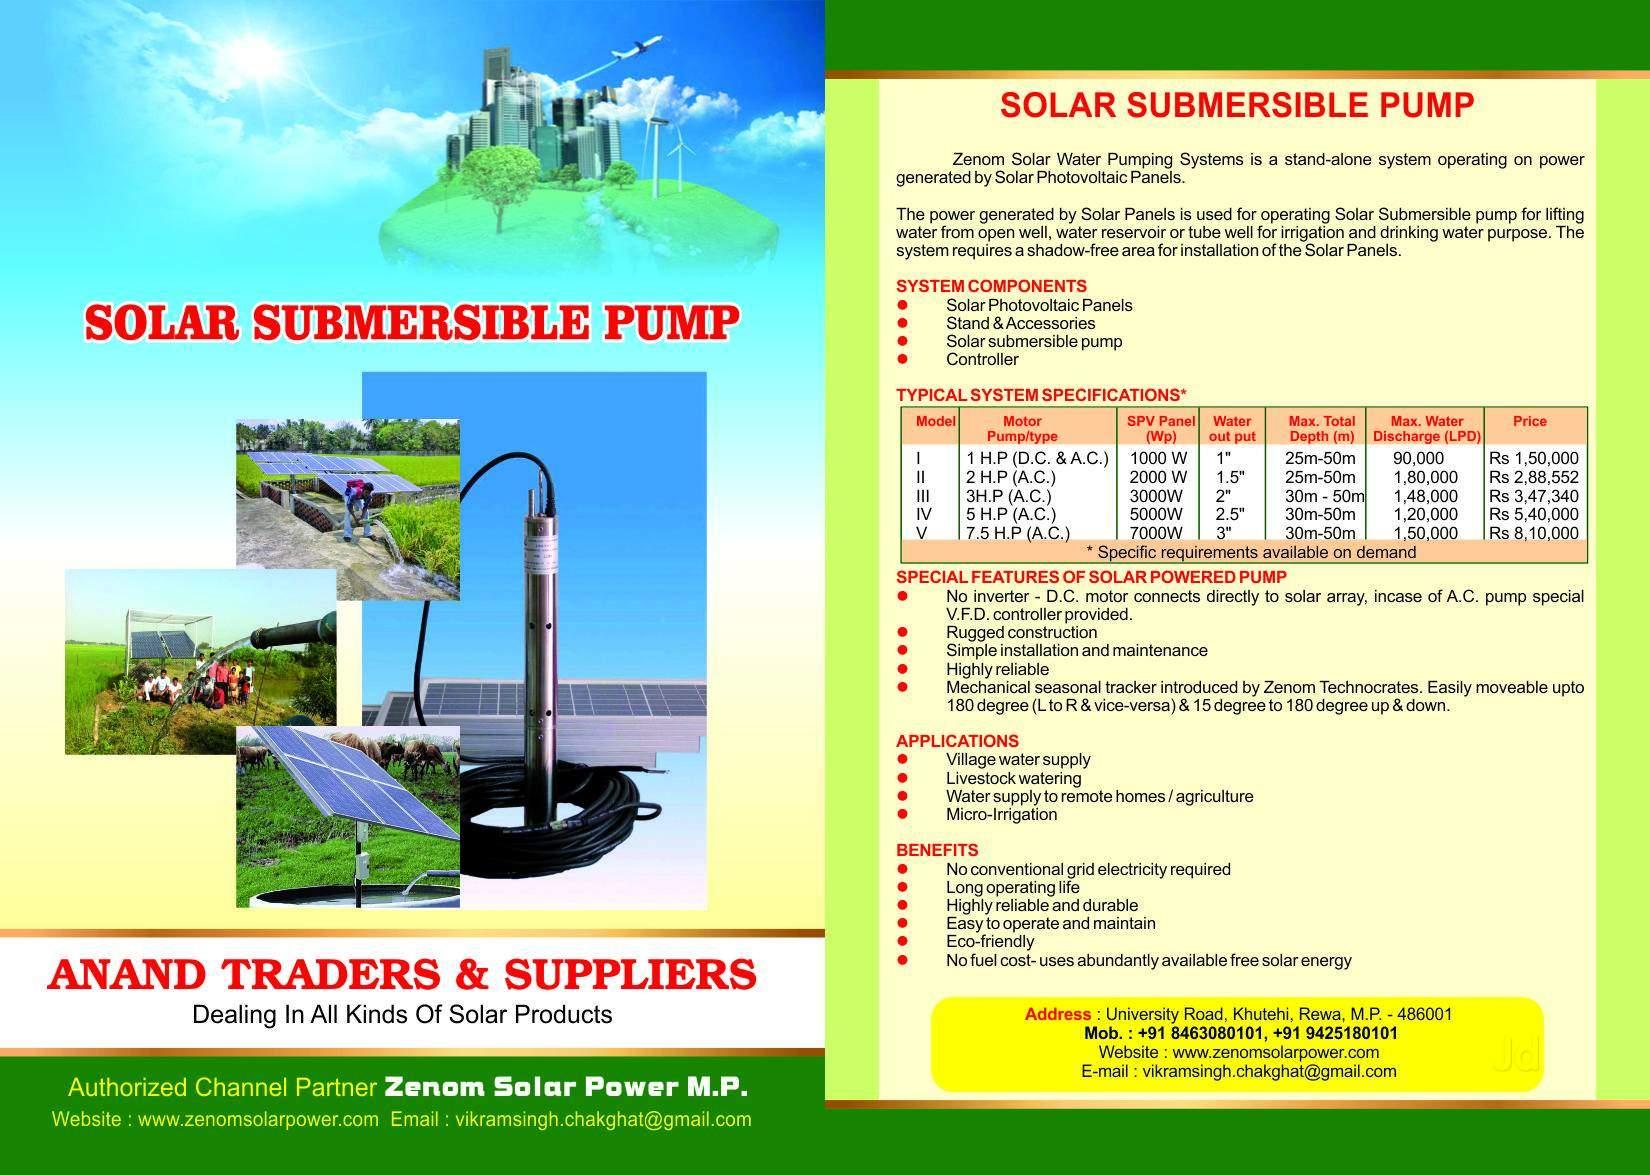 Top Solar Led Lamp Dealers in Rewa - Justdial